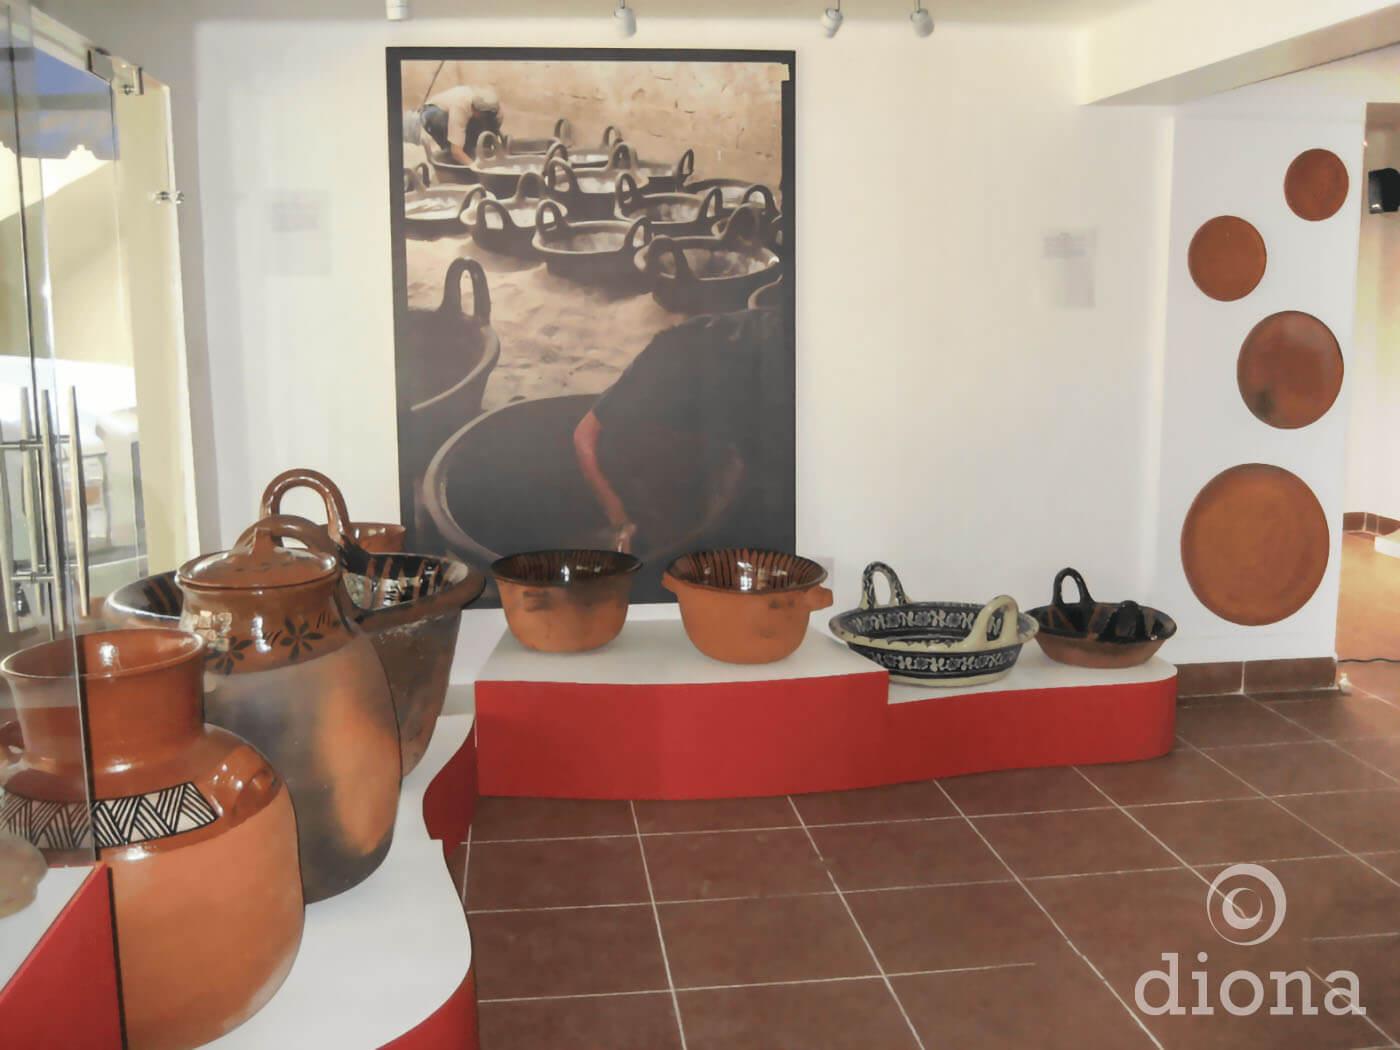 diseño industrial, mobiliario - Museo Vivo de Artes y Tradiciones Populares de Tlaxcala museografía diona